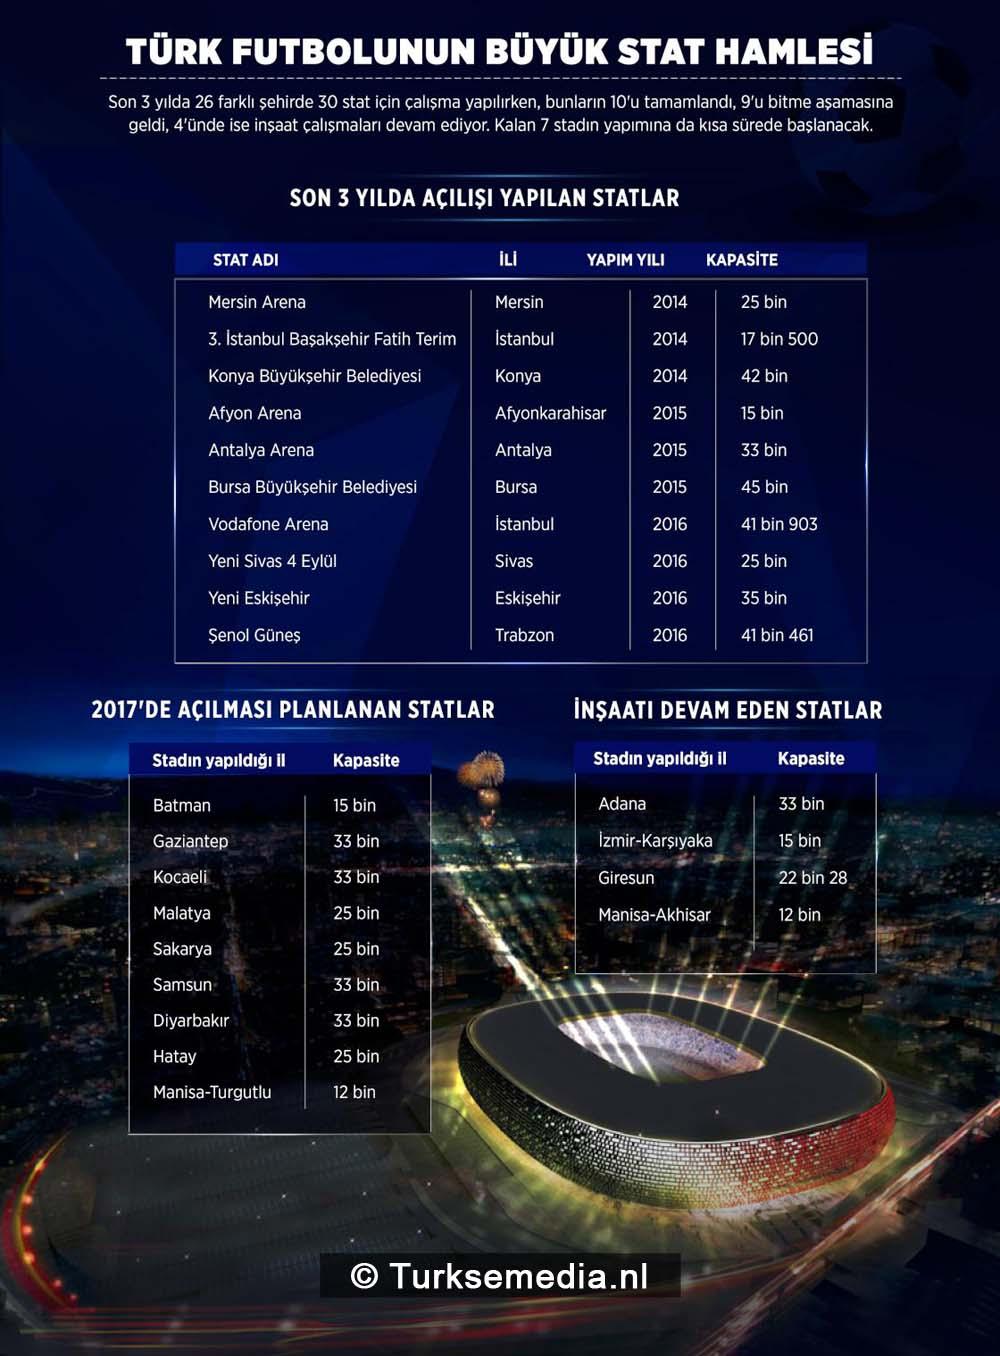 turkije-bouwt-30-supermoderne-stadions-ontmoet-cotanak-arena-4